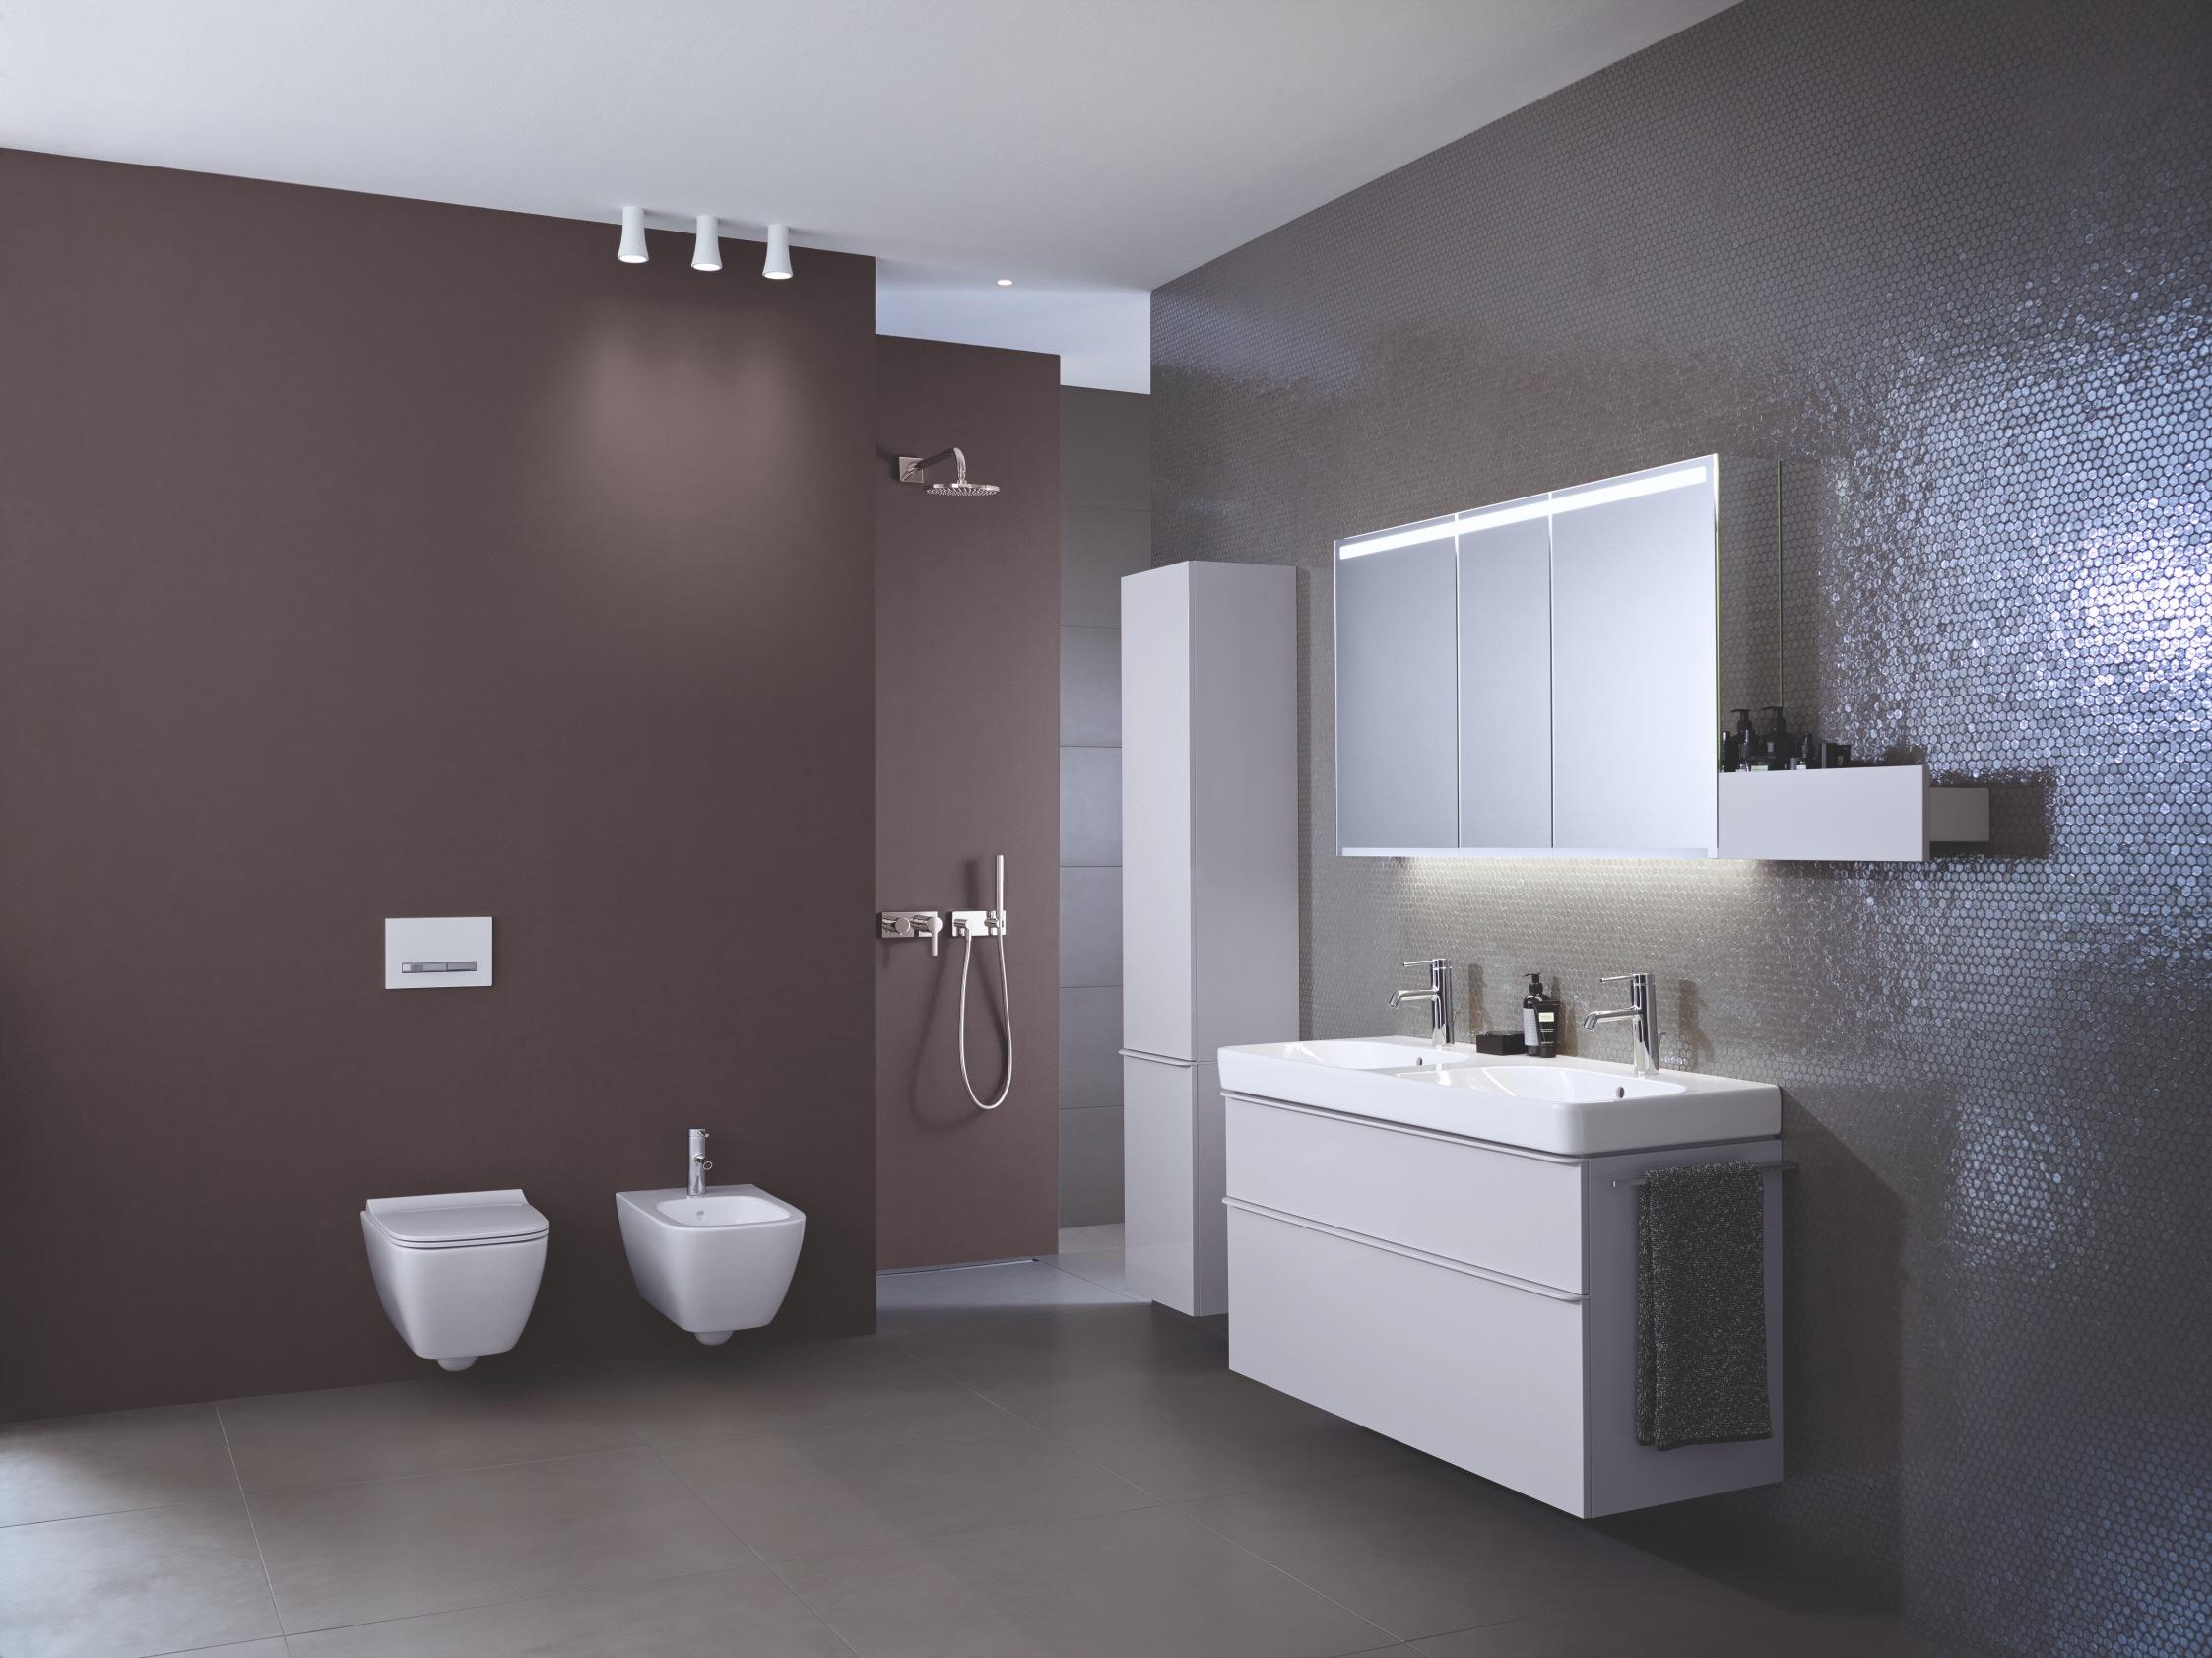 Bílá sanita v hnědé koupelně